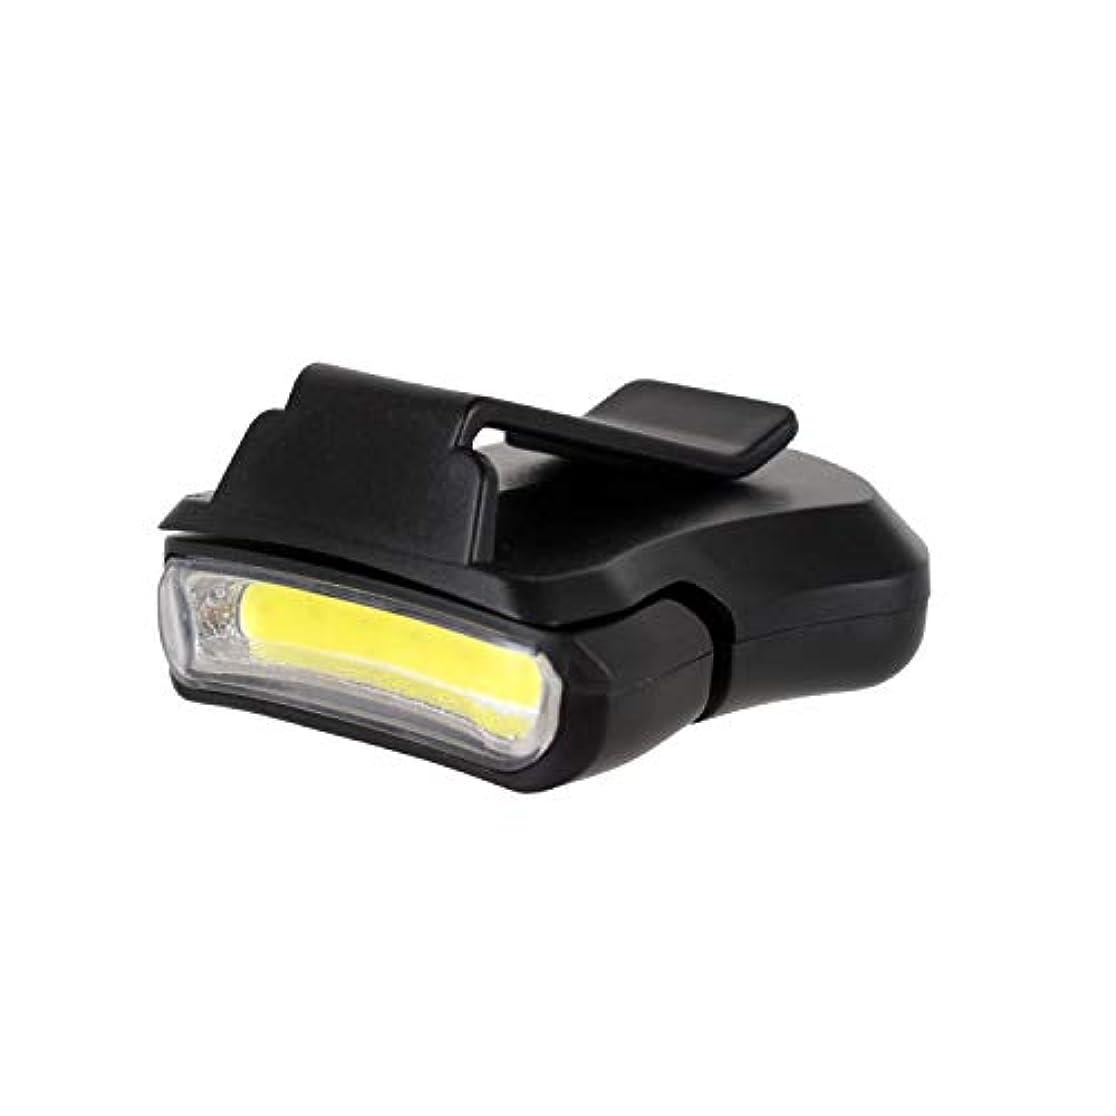 動揺させる徒歩で全能LEDキャップライト ヘッドライト ヘルメットライト クリップ式 0-90°角度調整可能 電池付属 24時間連続点灯 ON/OFFのみ 30g軽量 アウトドア用品 夜釣り Wolfteeth 4144